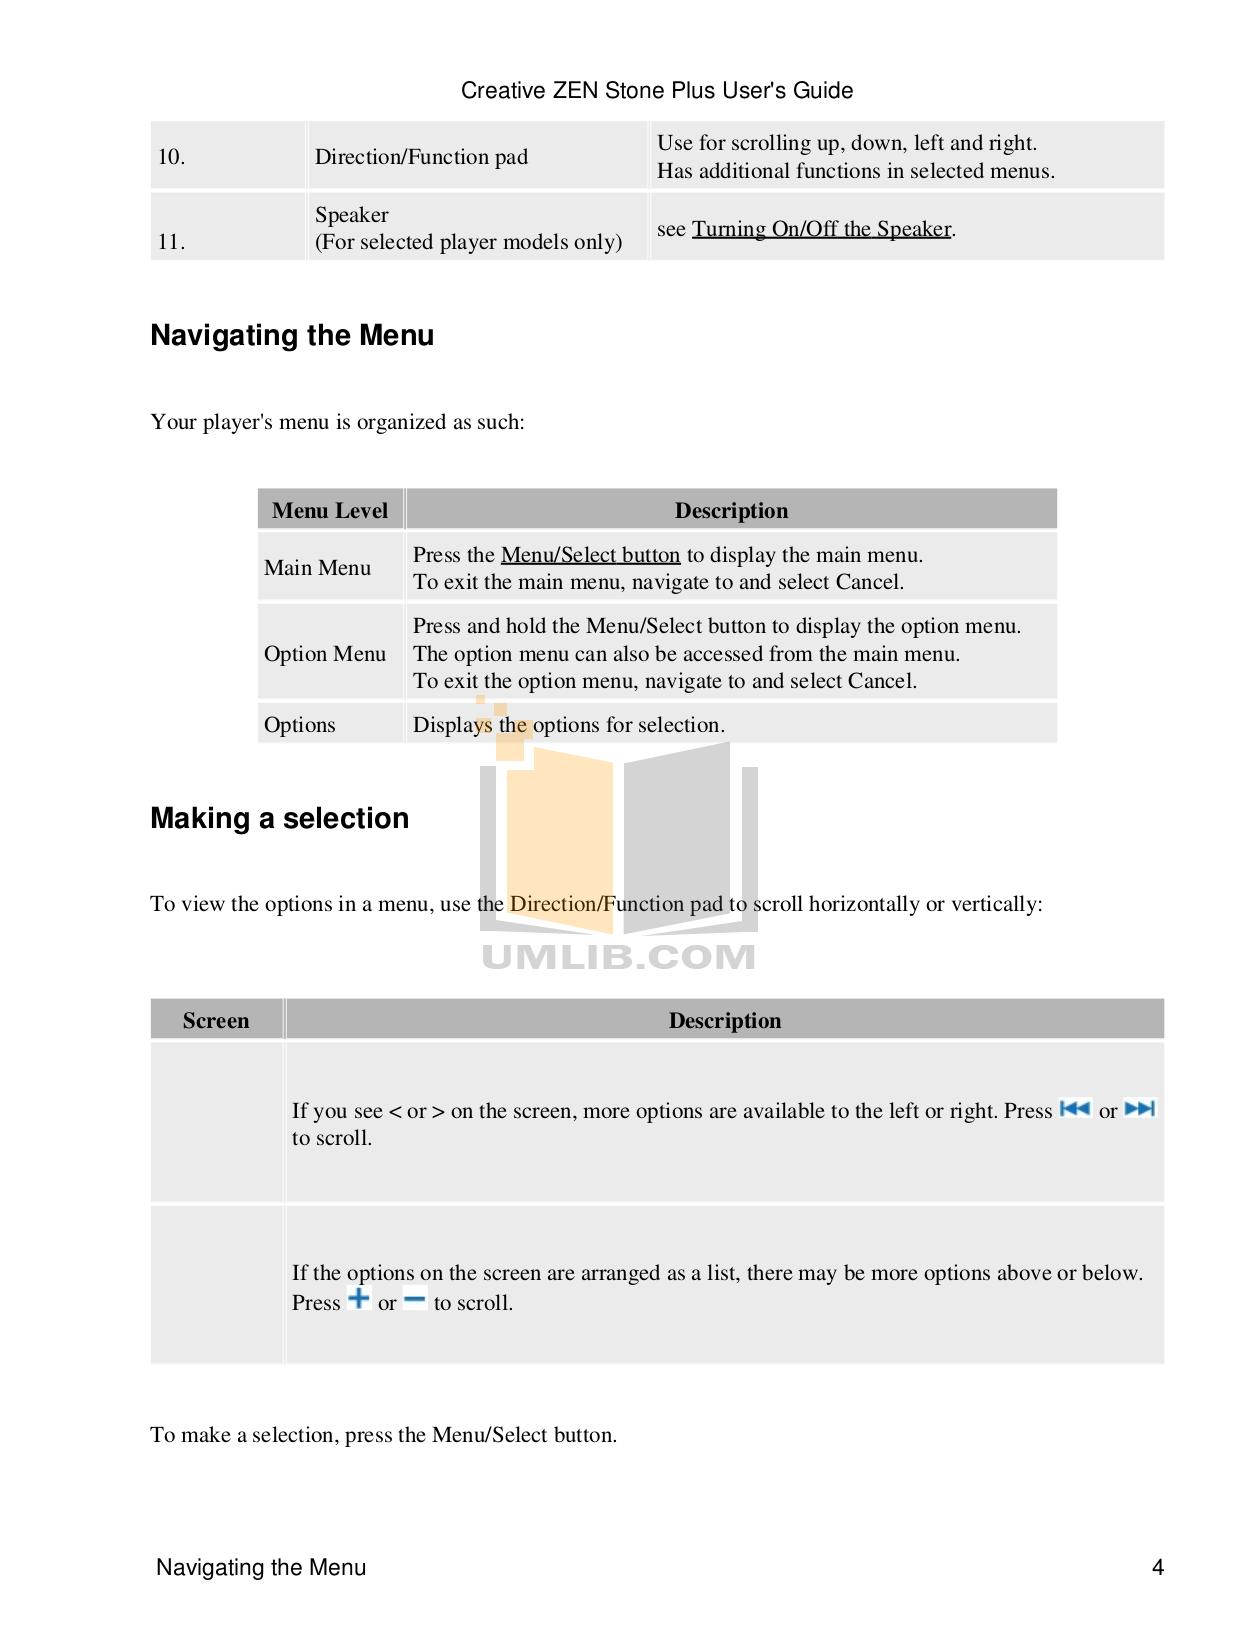 pdf manual for creative mp3 player zen zen stone plus 4gb rh umlib com Creative Zen Stone Plus Creative Zen Wallpapers